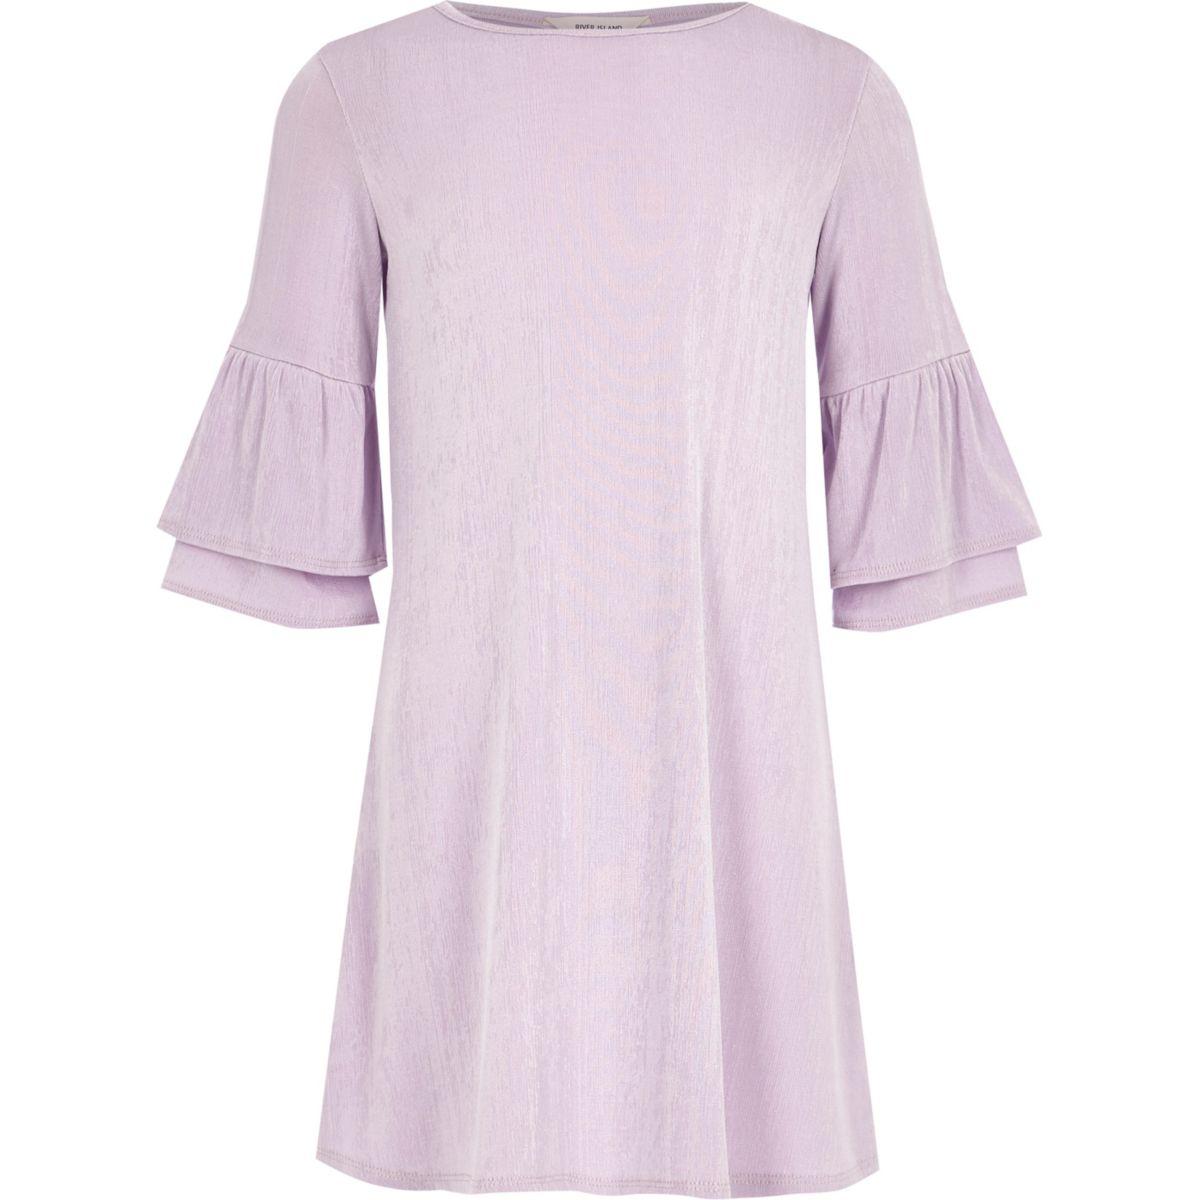 Girls purple frill sleeve swing dress